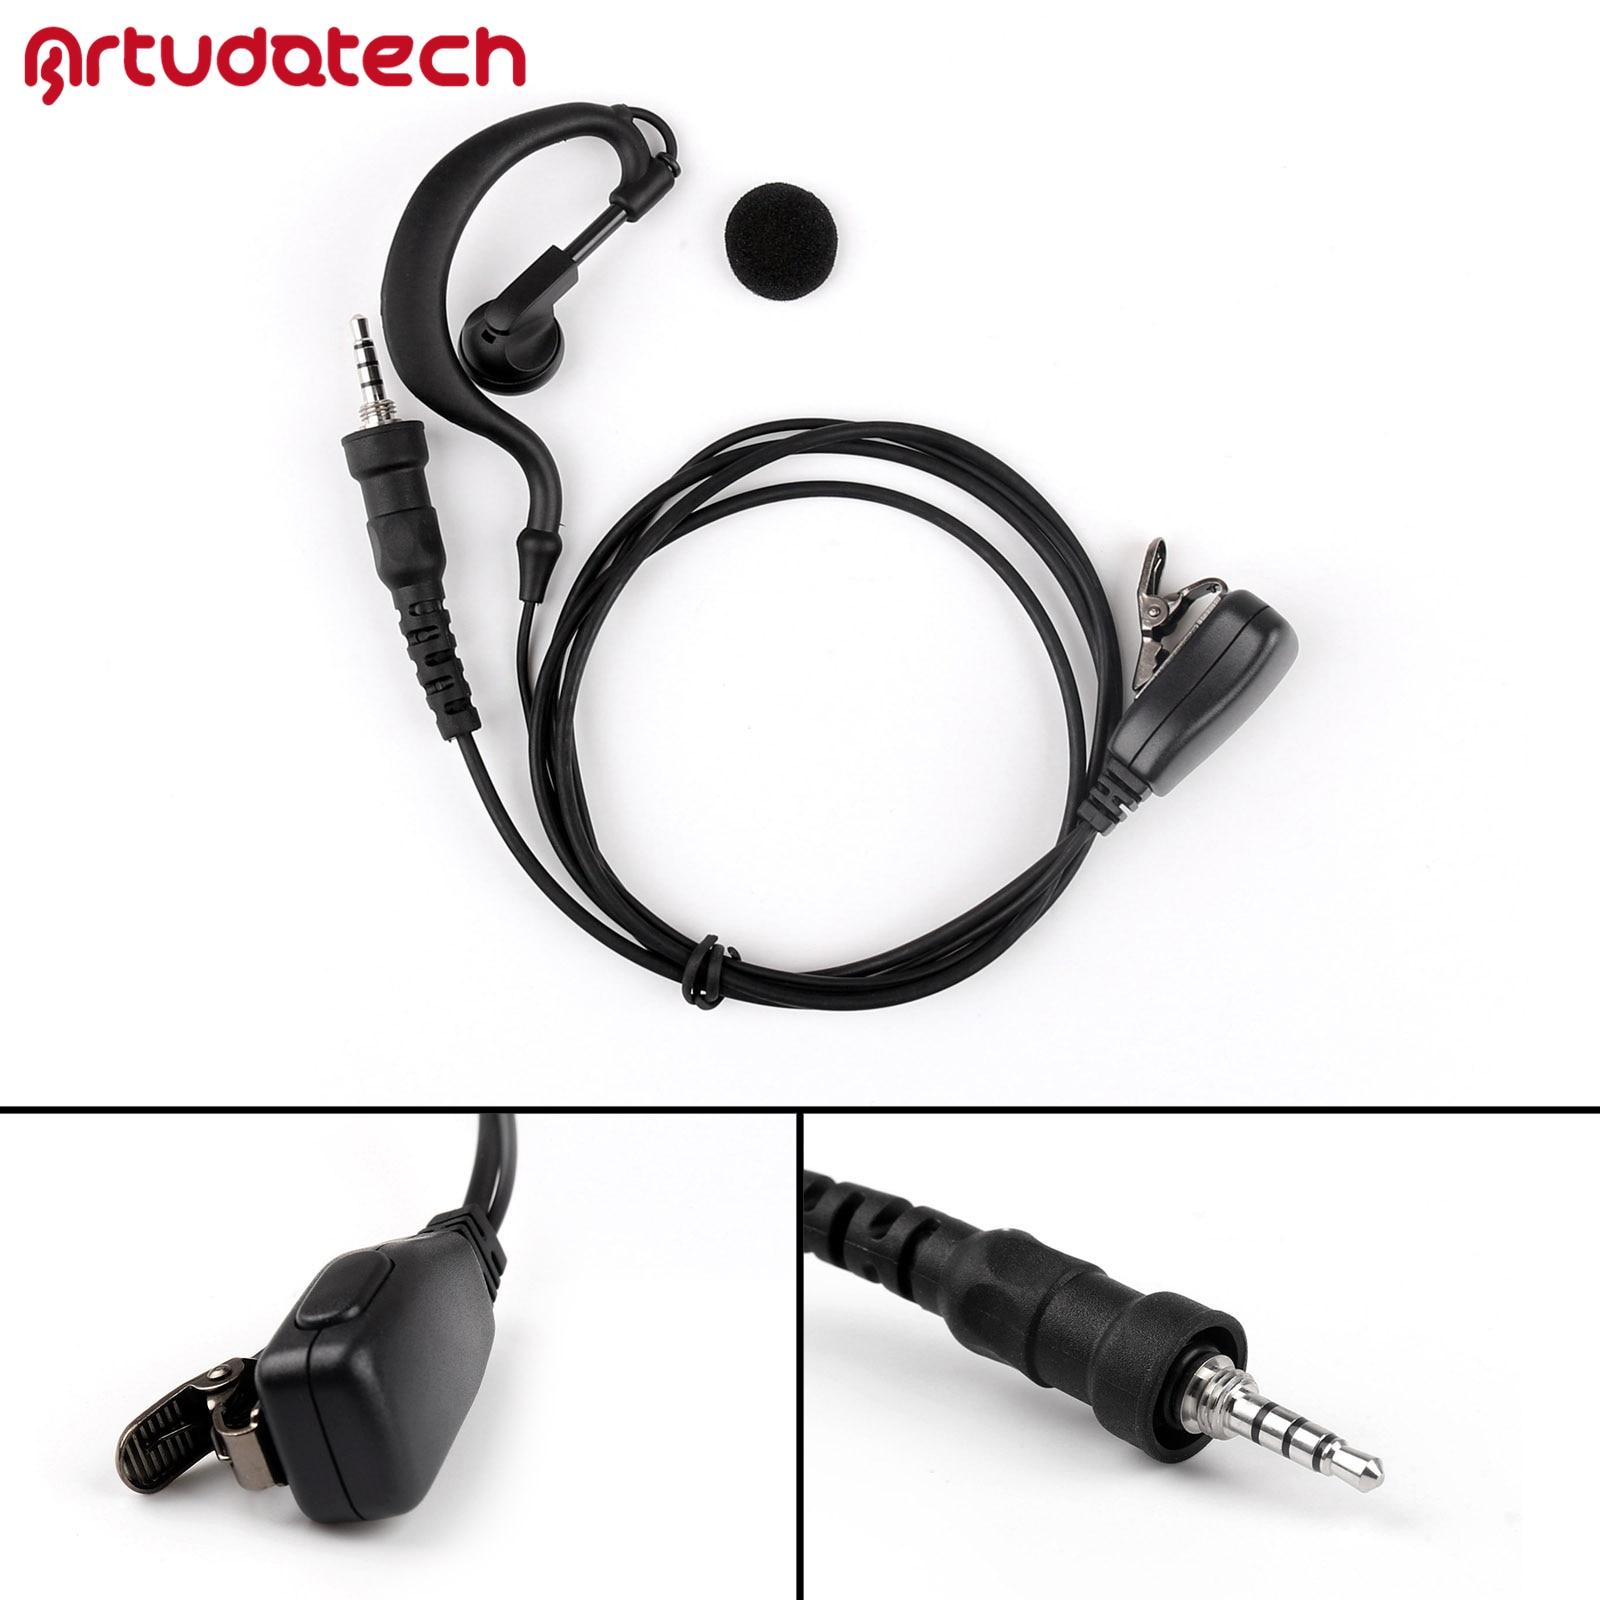 Artudatech Earpiece Headset Two Way PTT For YEASU Vertex VX-6R VX-7R VX-6E VX-7E VX-6 VX-7 Walkie Talkie Radio